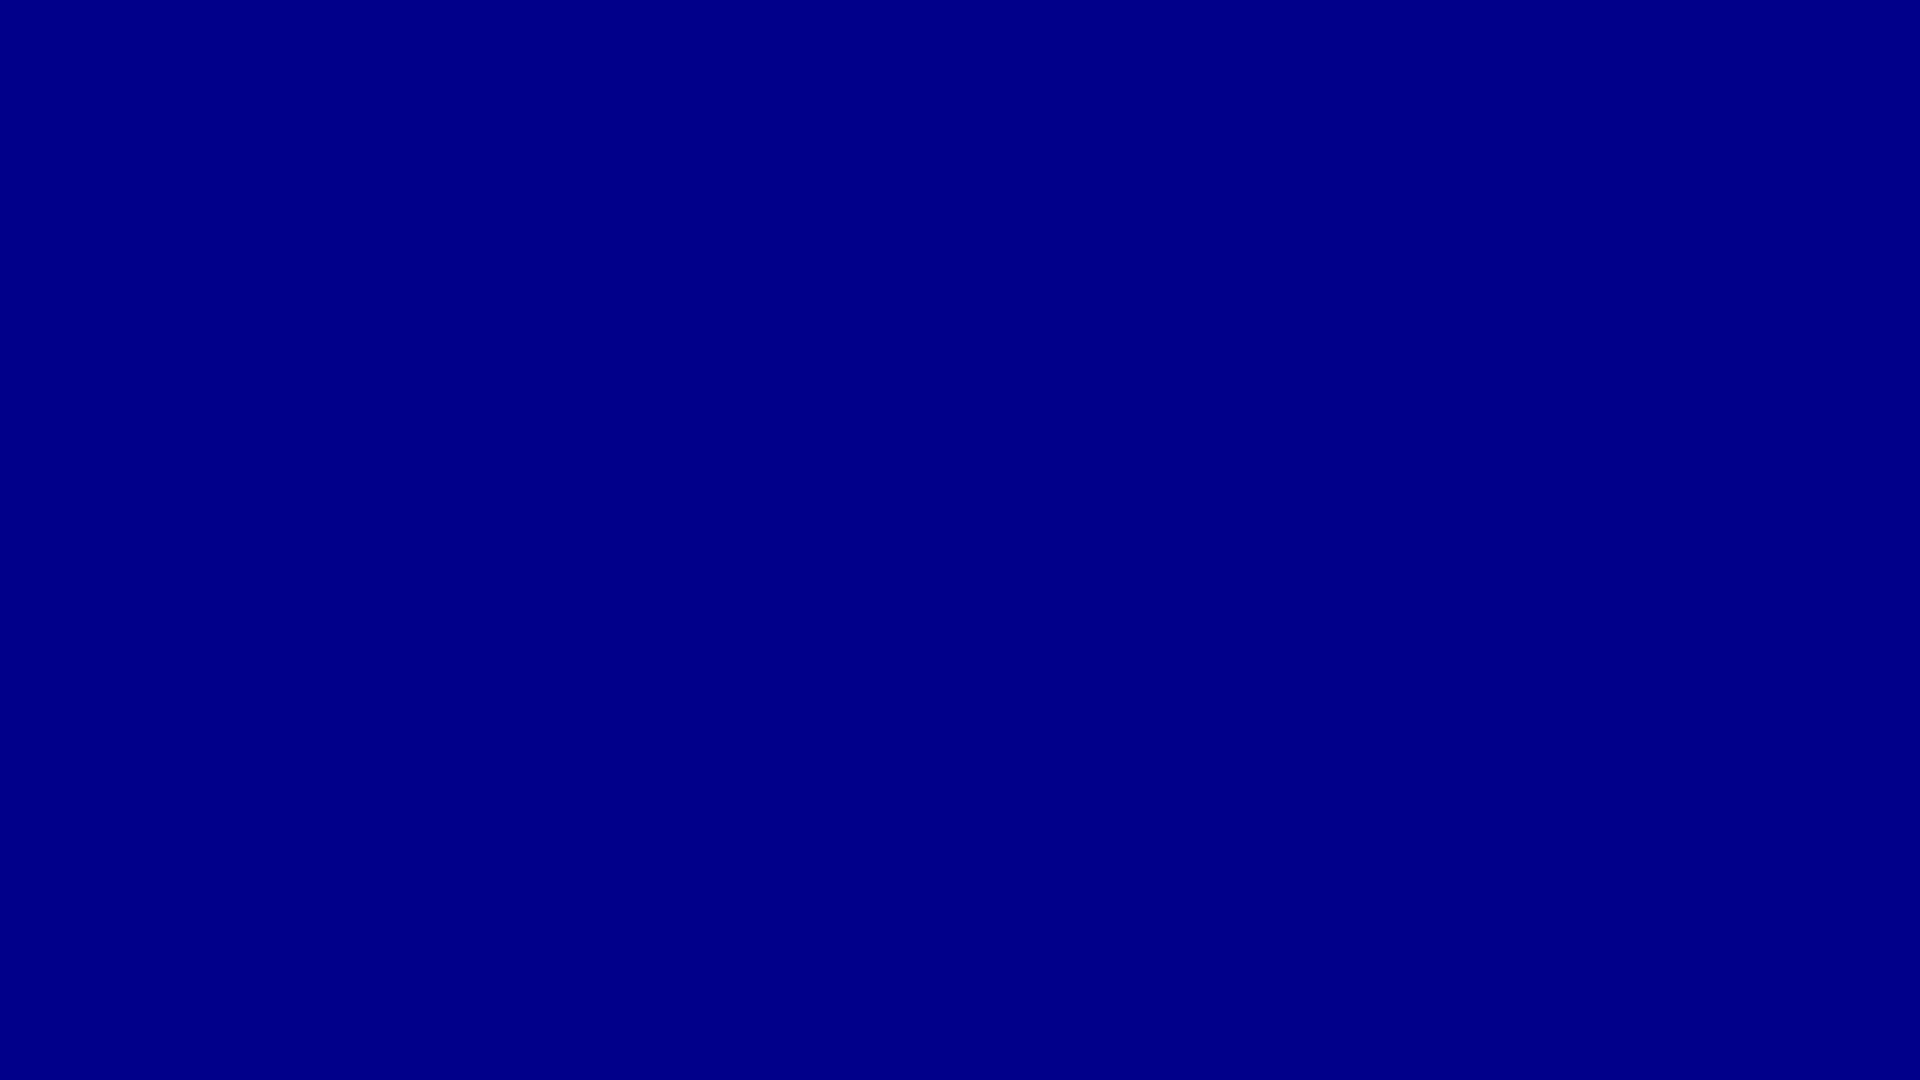 dark-blue-wallpaper |